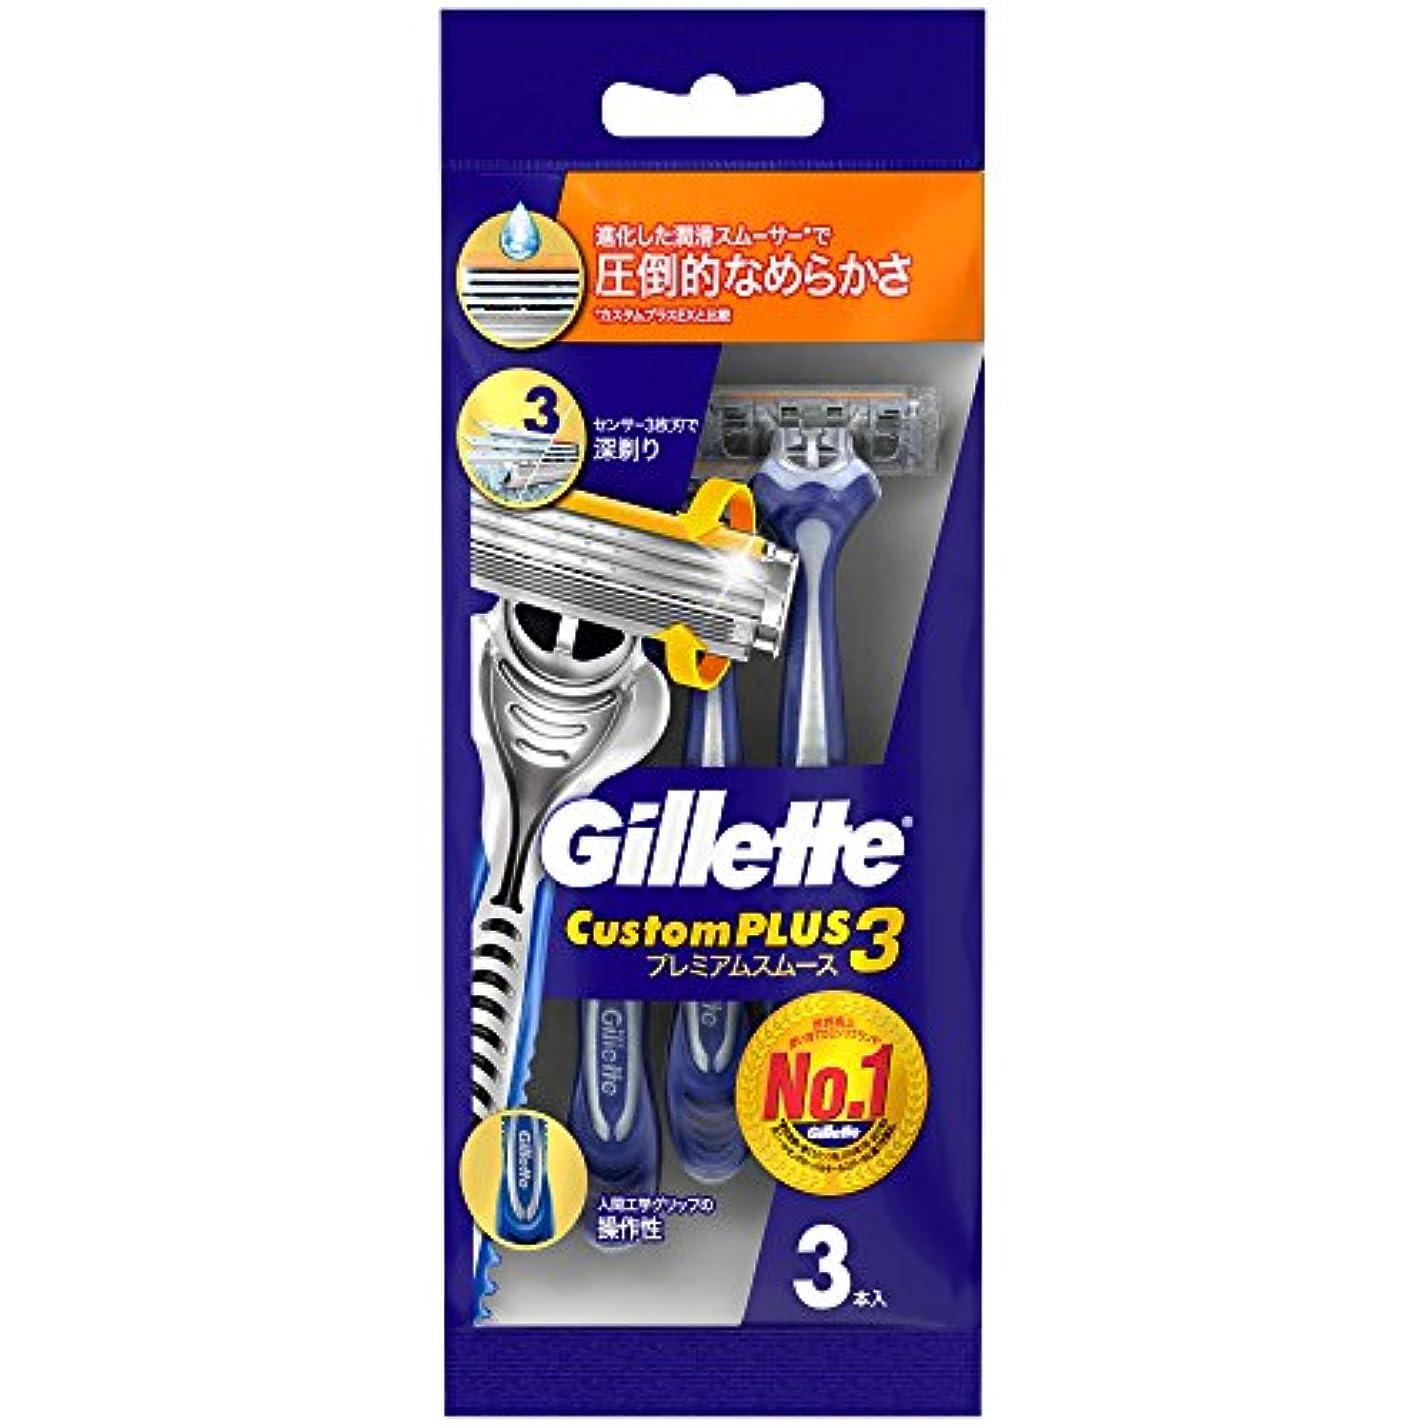 モットーコロニー波ジレット カスタムプラス3 髭剃り プレミアムスムース CP3-PS3 3本入